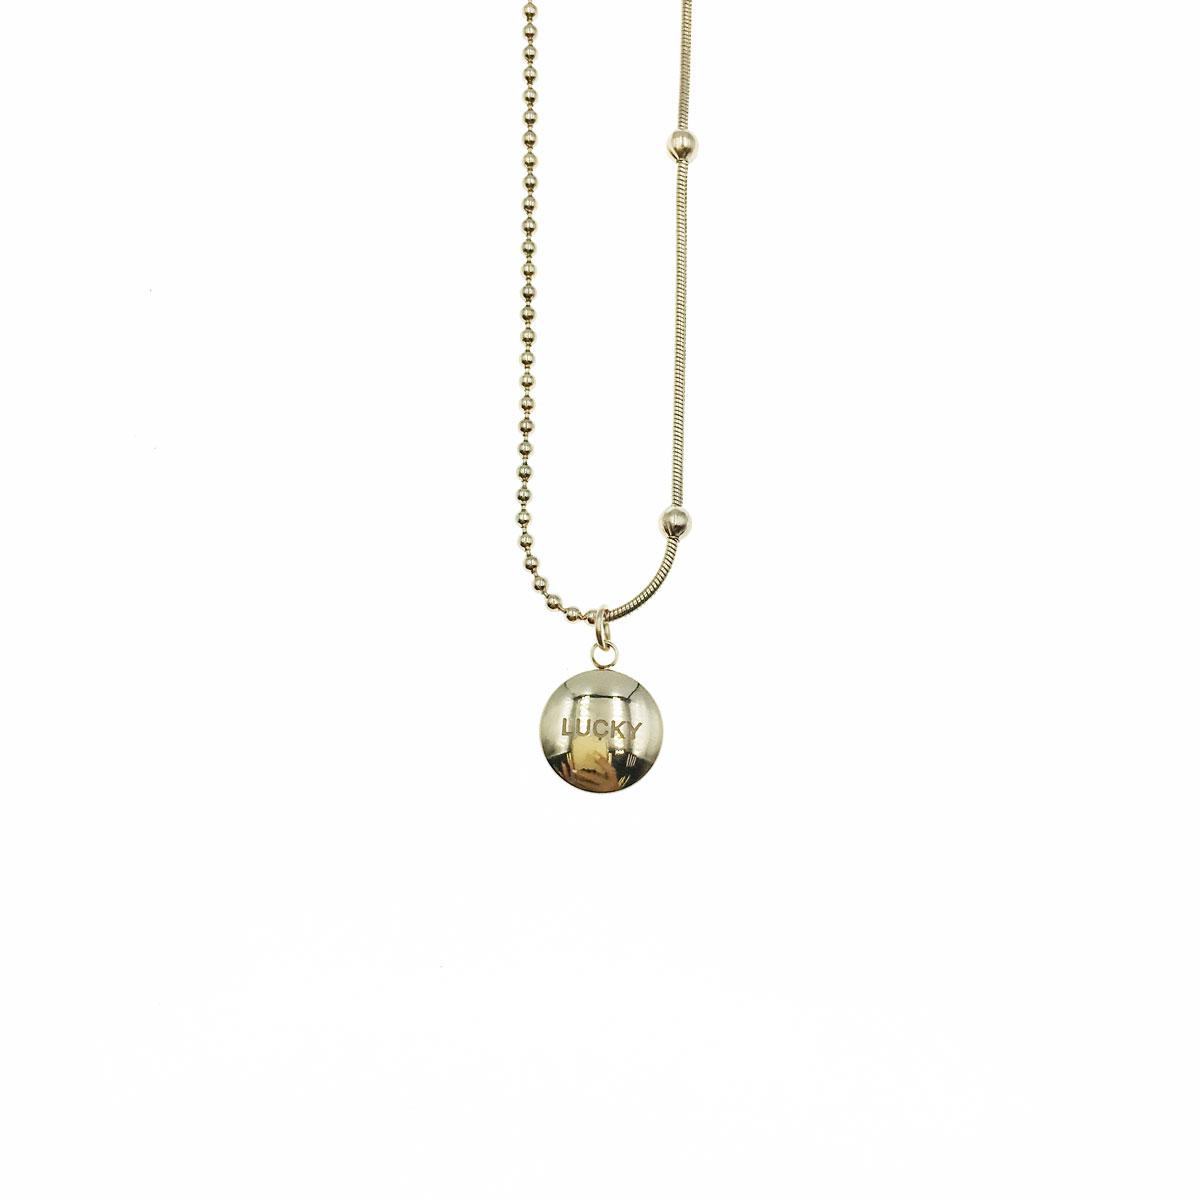 韓國 不銹鋼 英文 簡約 金屬感 鎖骨鍊 短鍊 項鍊 飾品